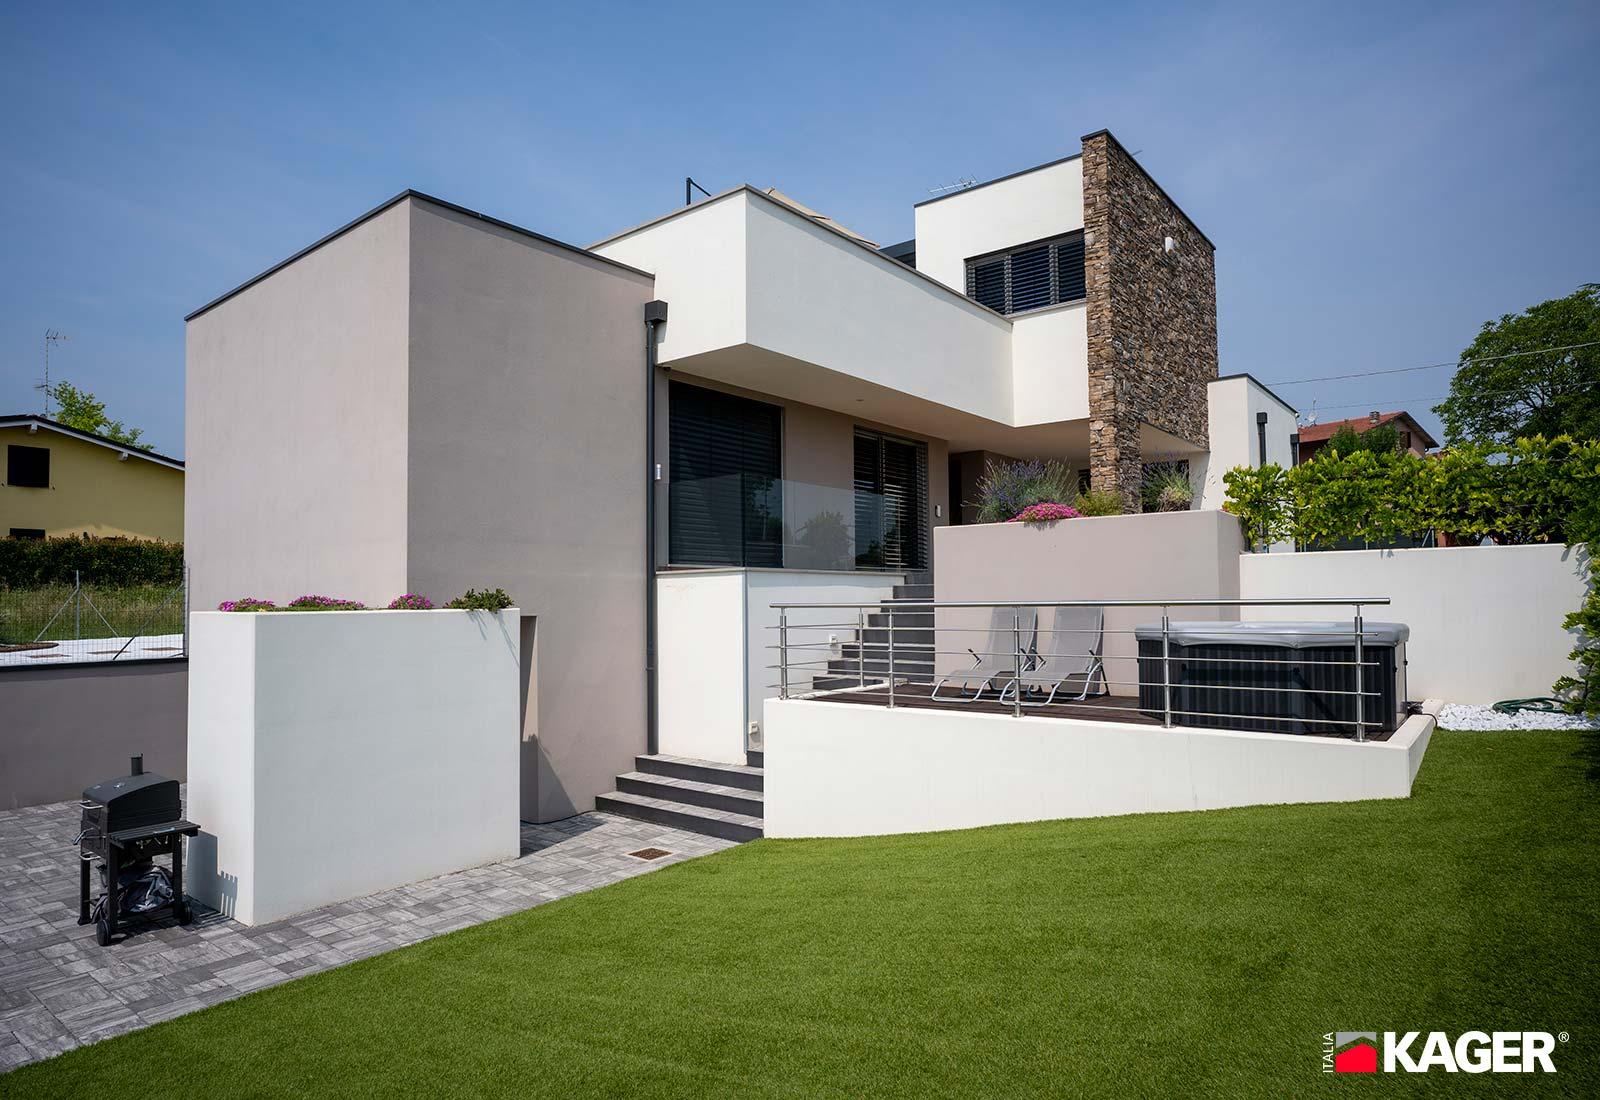 Casa-in-legno-Reggio-Emilia-Kager-Italia-01